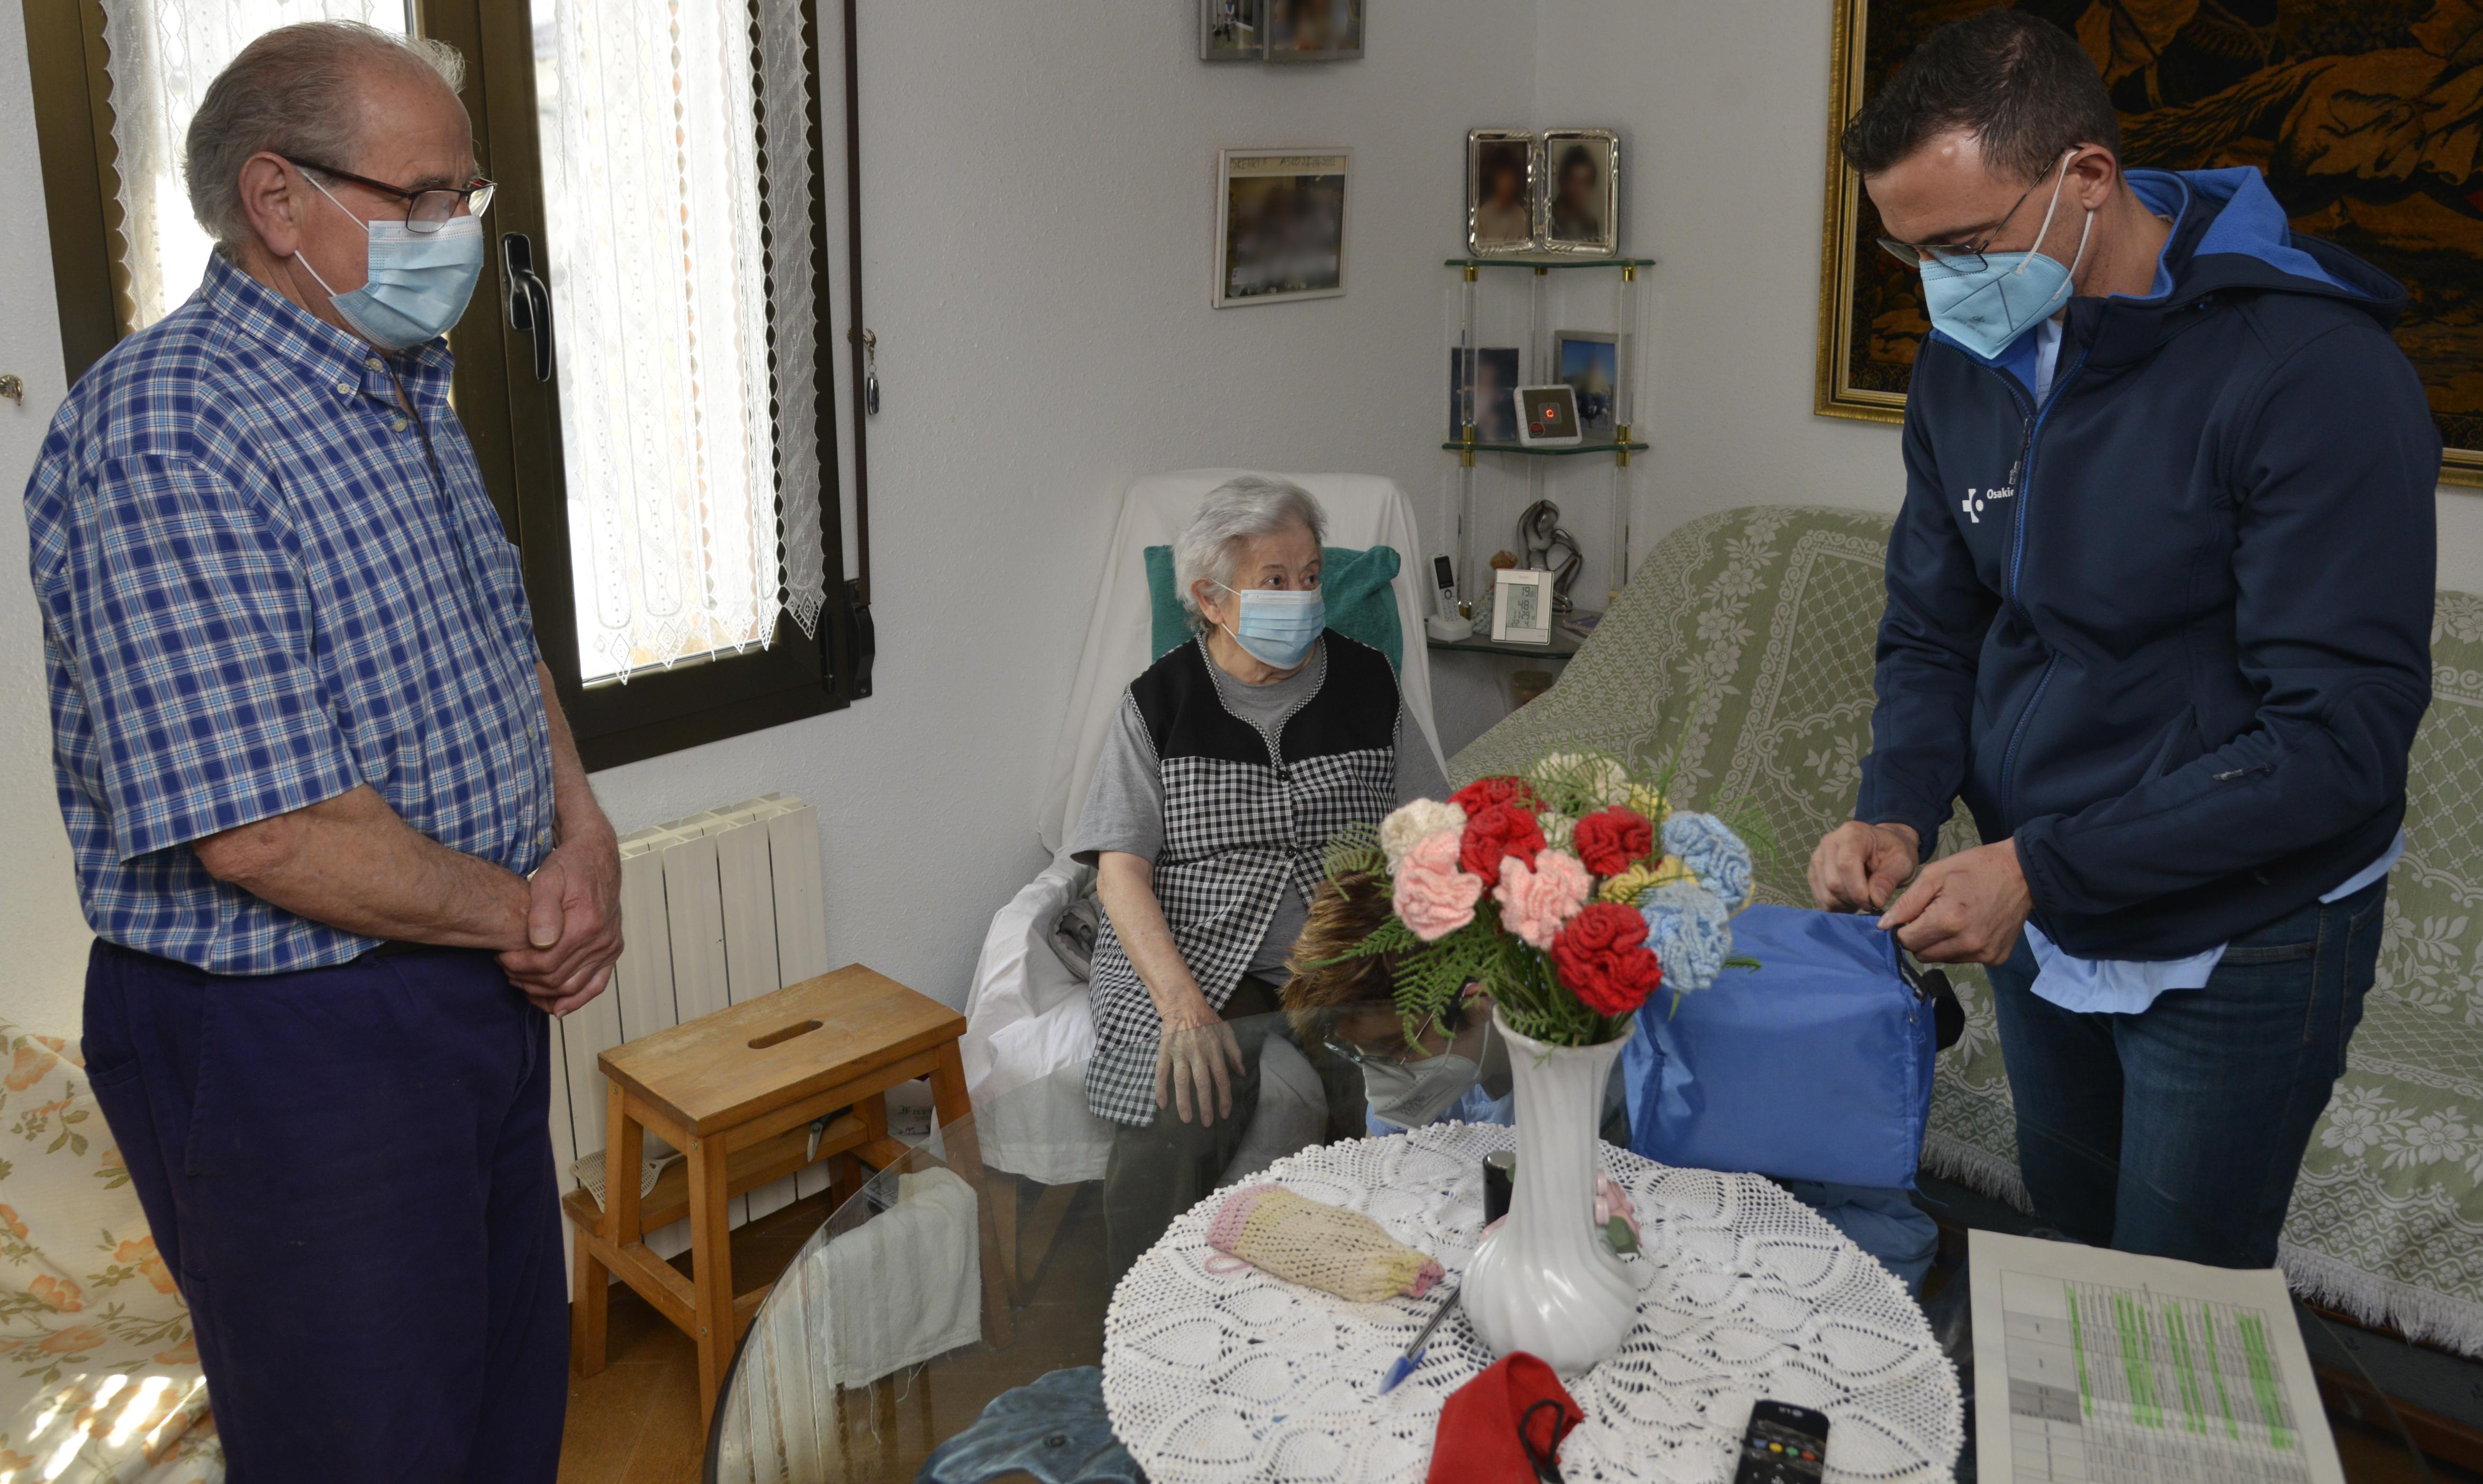 Osakidetza comienza a administrar en domicilios las primeras vacunas de Janssen [1:45]